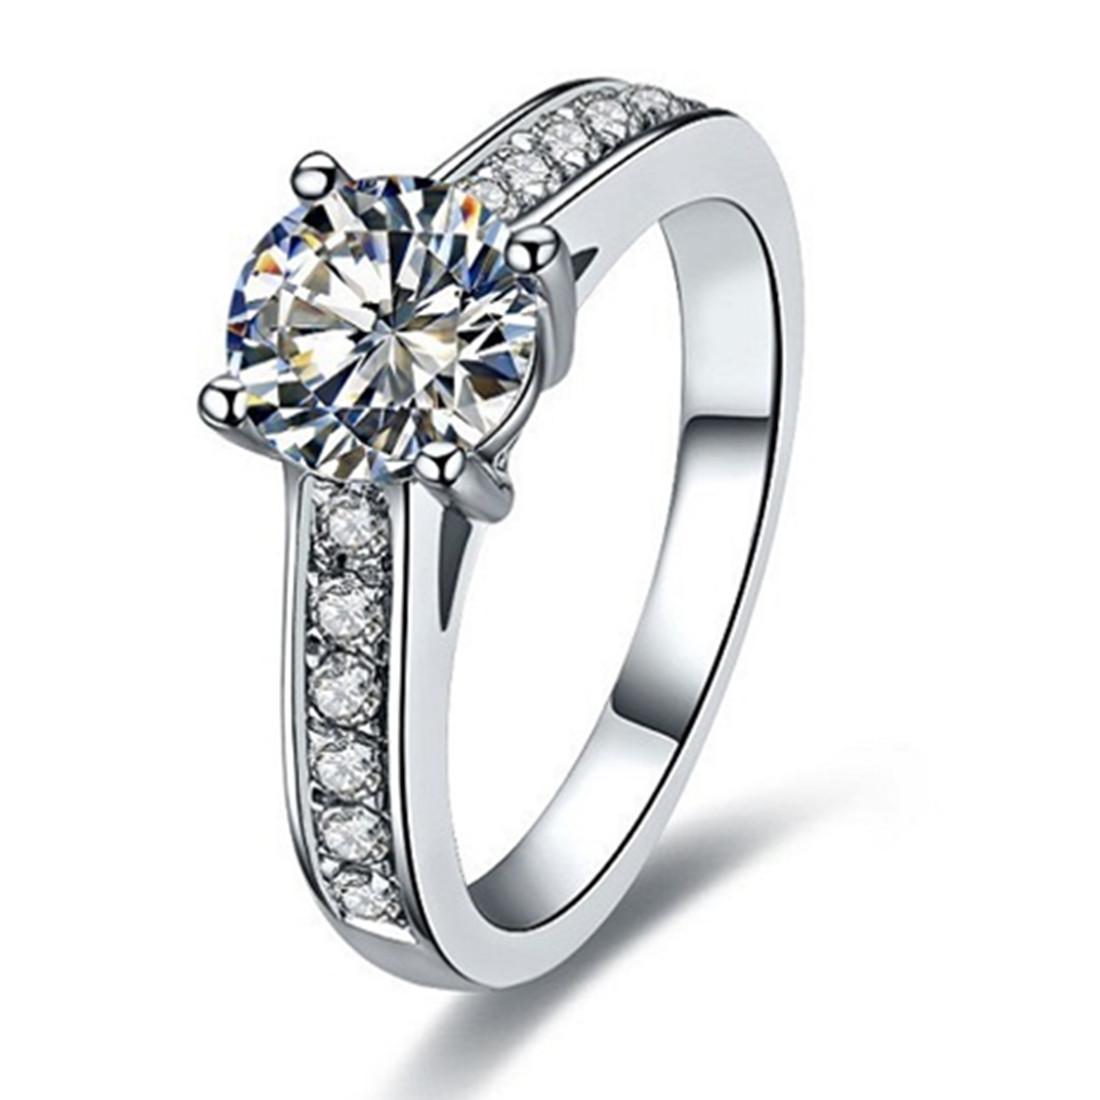 Anello di qualità 1CT Sterling Silver Jewelry C di marca personalizzata copia per le donne NSCD diamante Anello di fidanzamento regalo supporto semi 18K oro bianco placcato